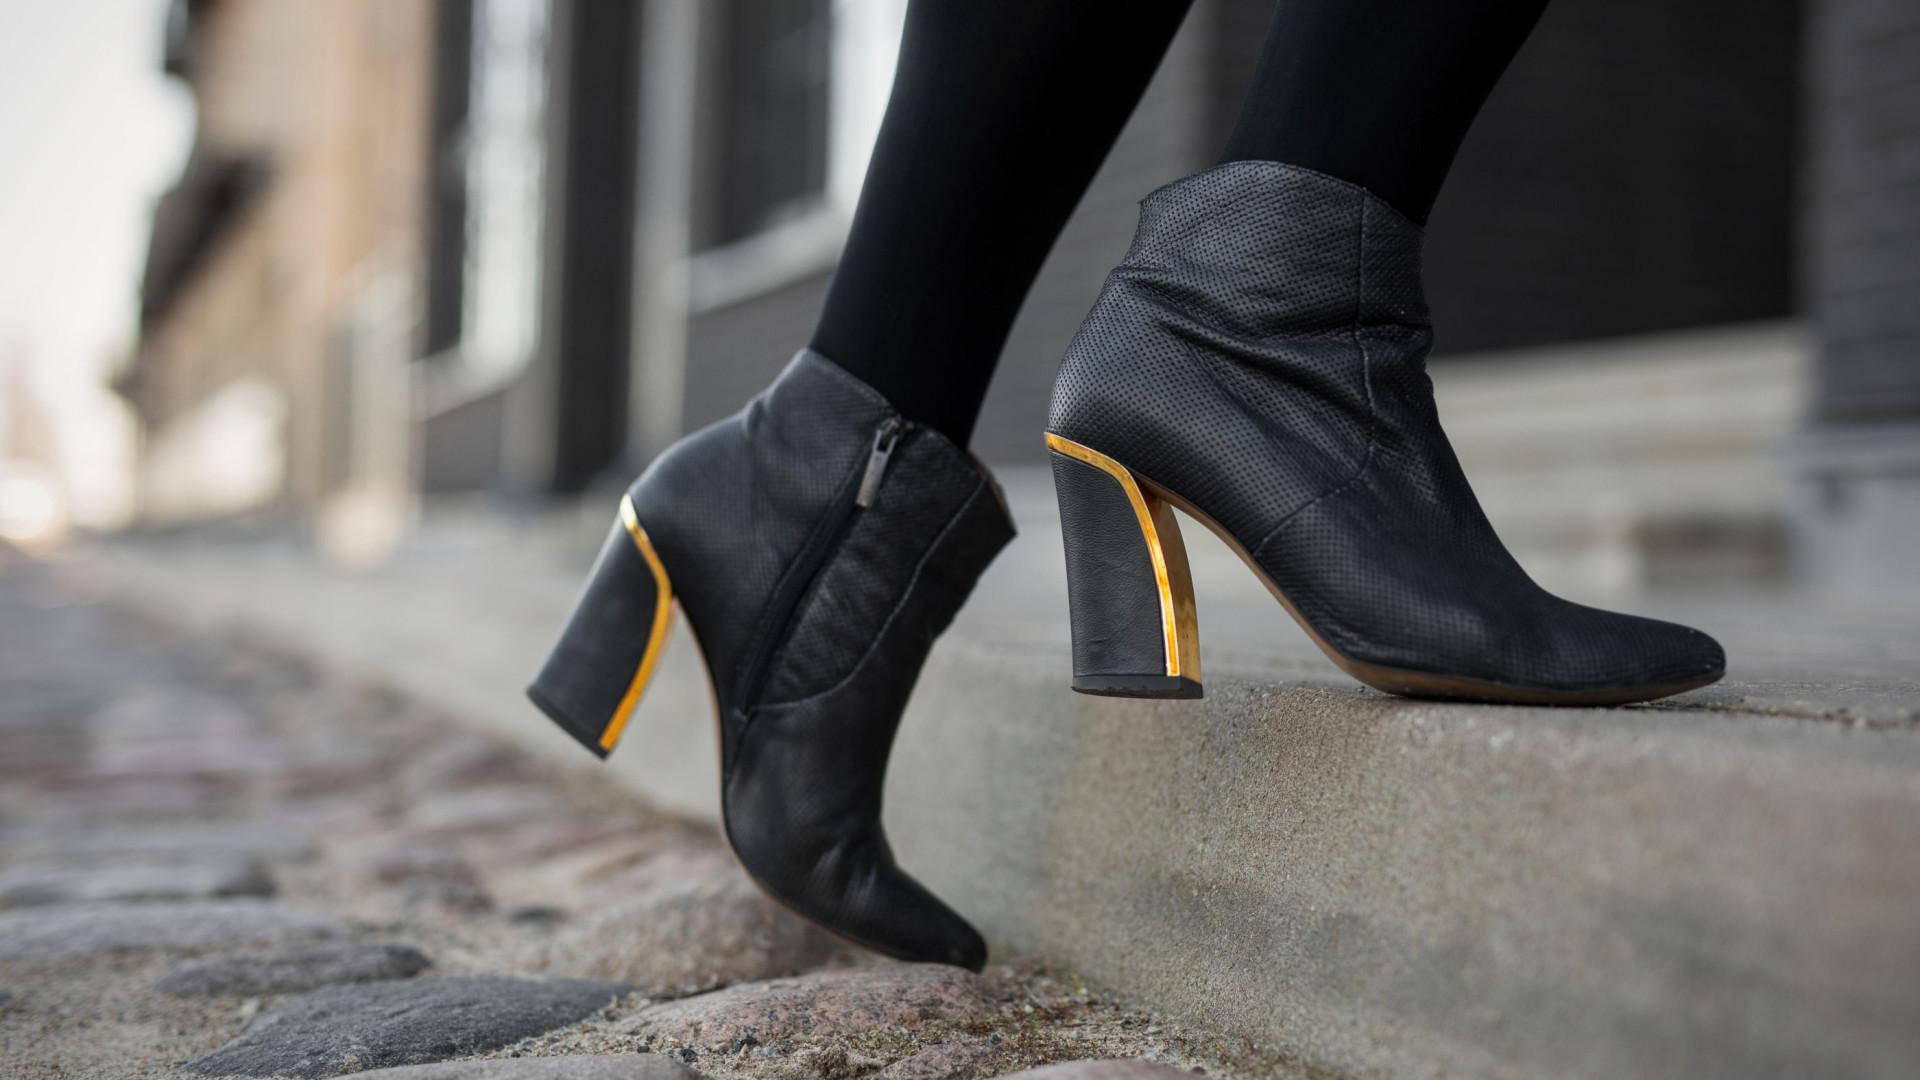 """Fábrica de calçado vai criar """"entre 20 a 30 postos de trabalho"""" na Guarda"""